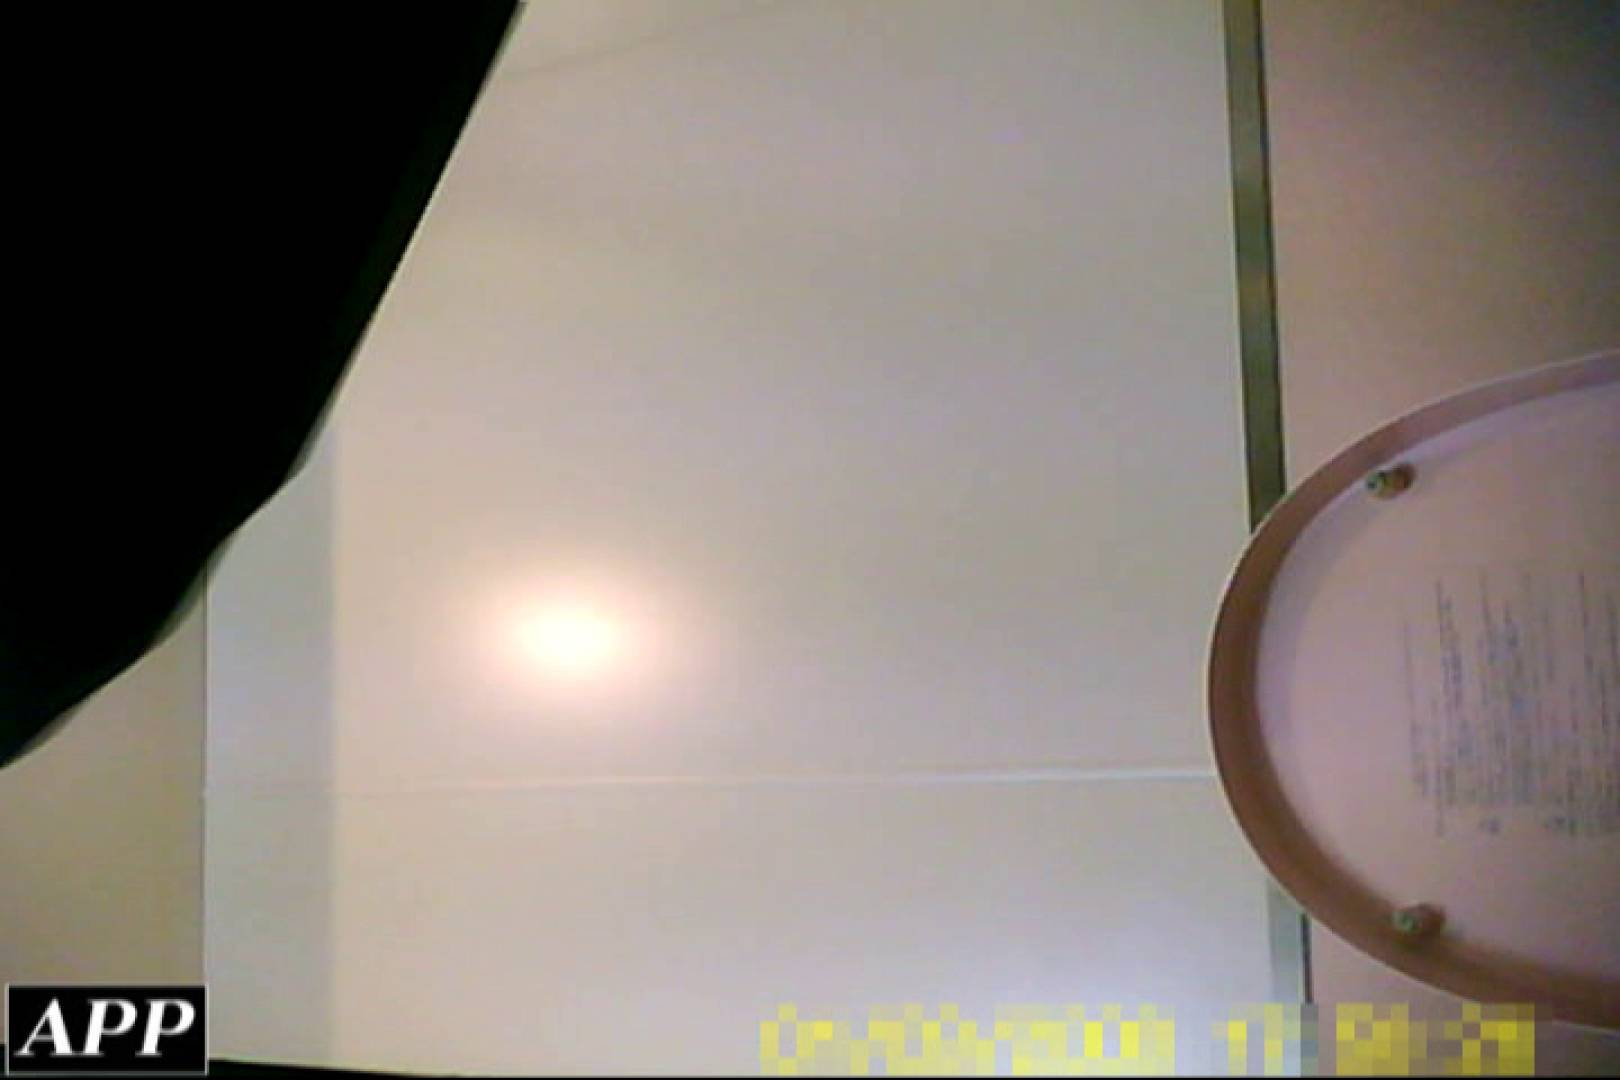 3視点洗面所 vol.34 OL | 洗面所着替え  90連発 64